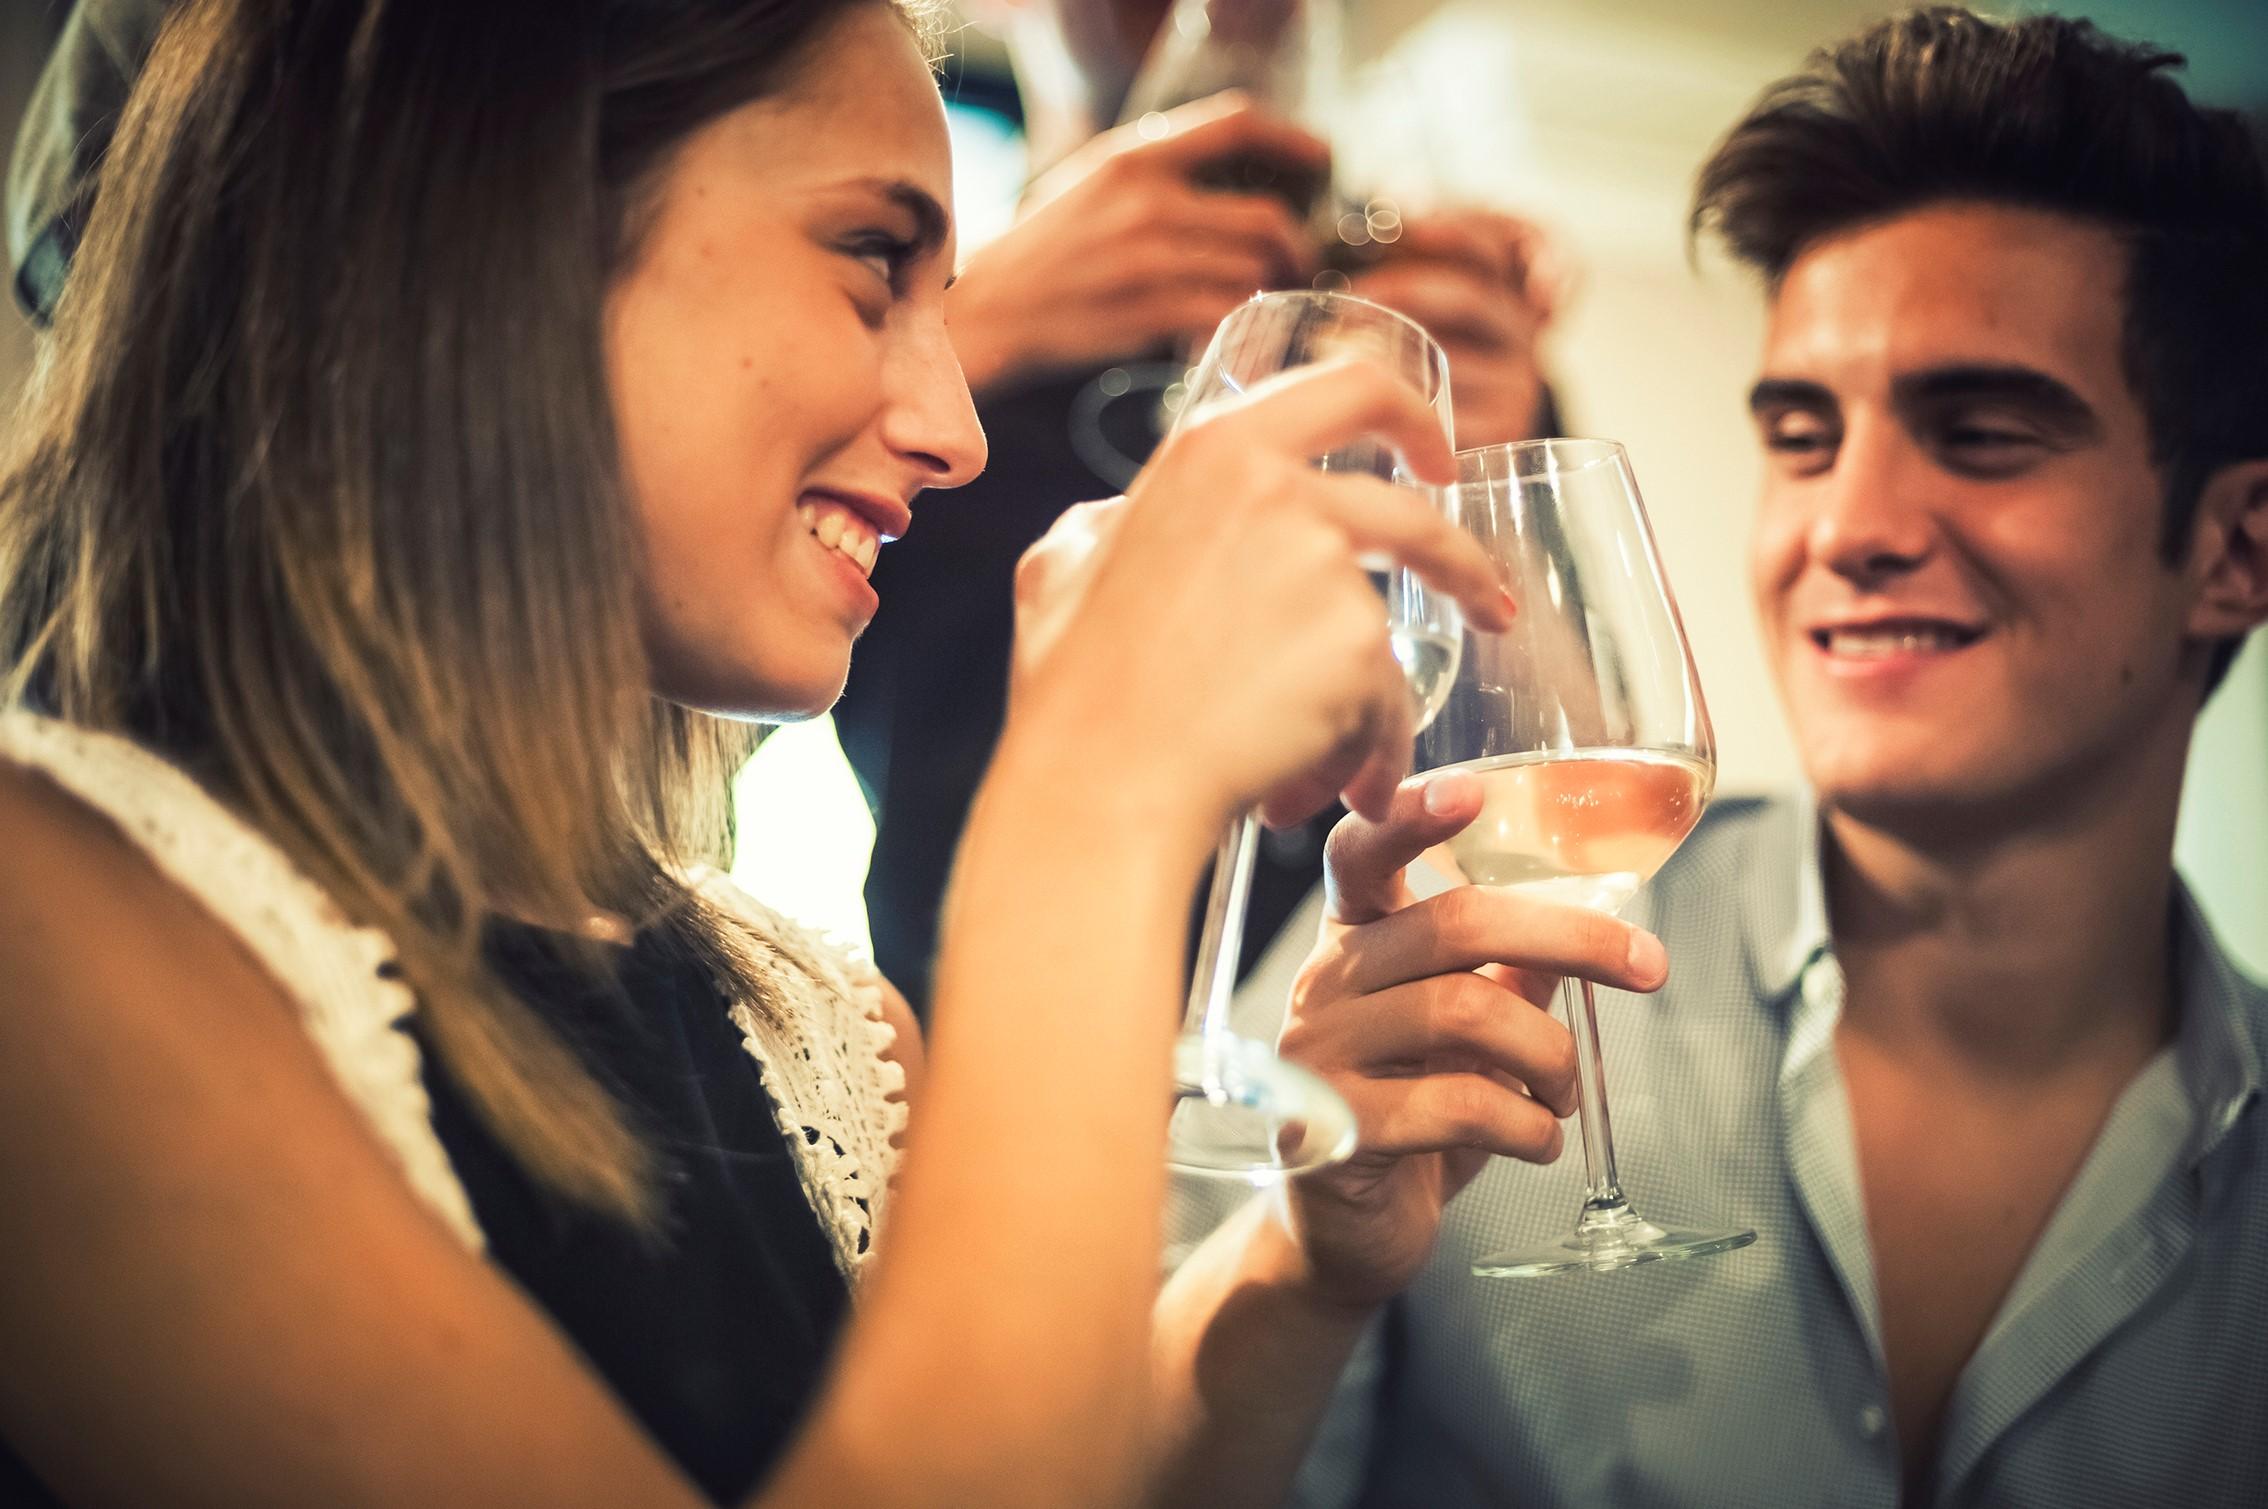 Quem quer evitar ser traído tem que evitar o relacionamento com aquele sedutor nato